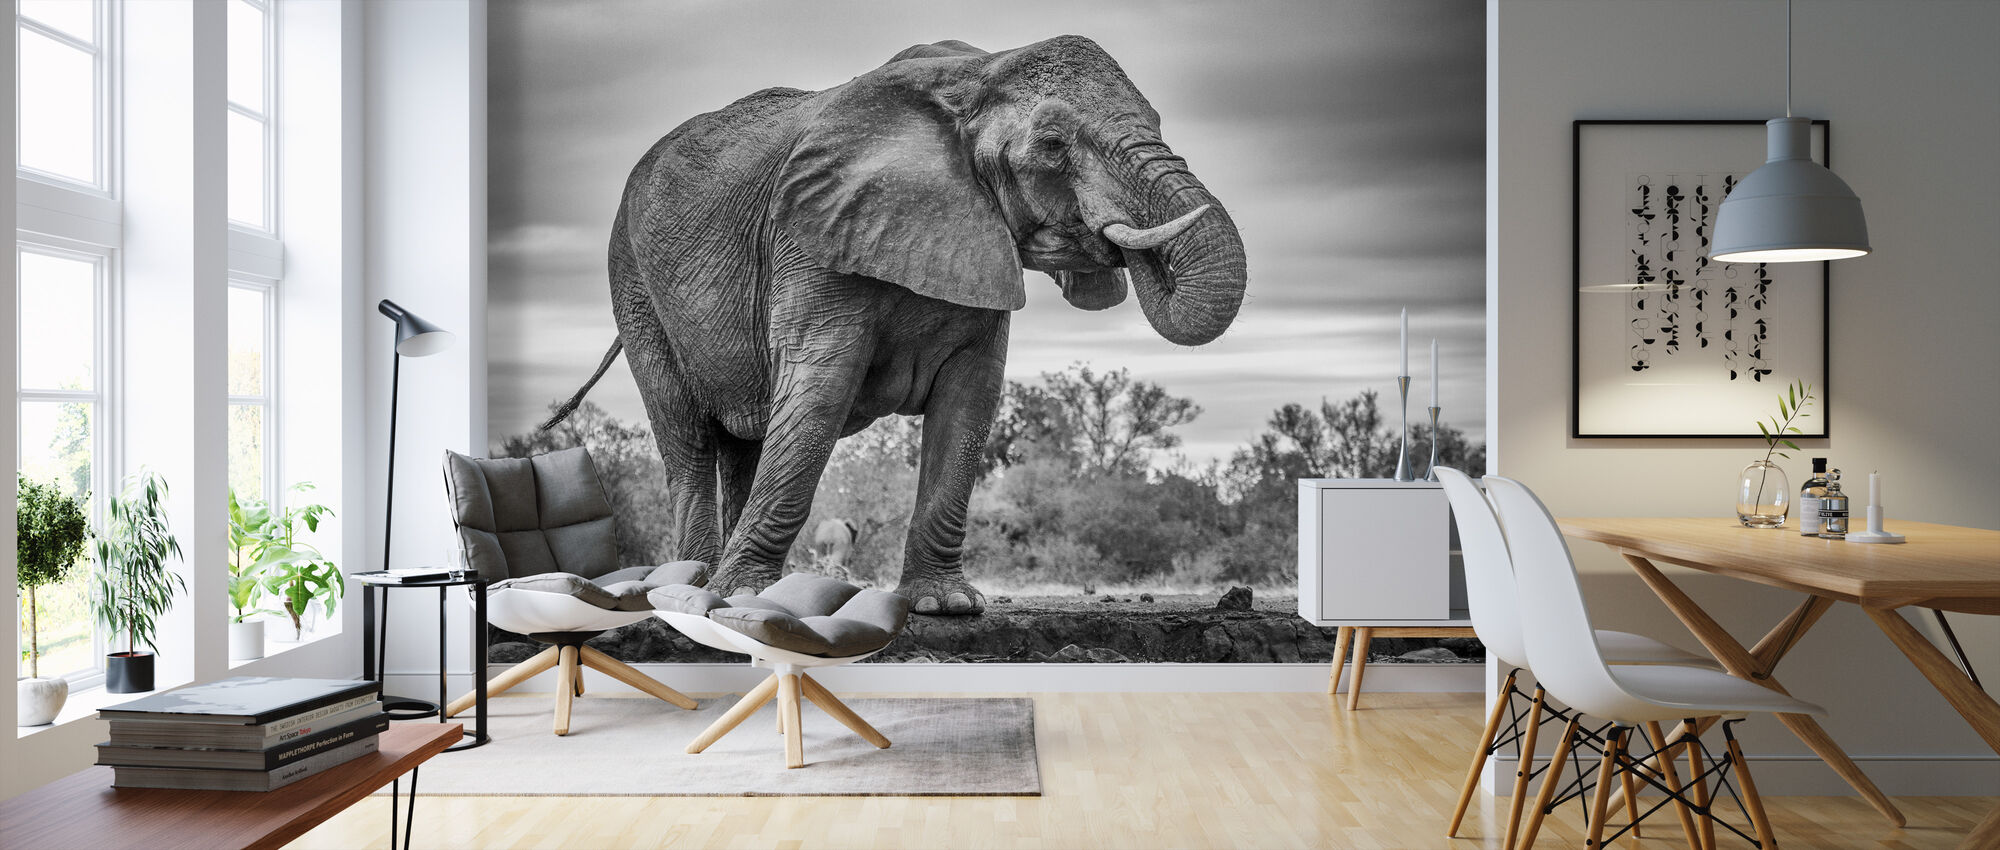 Standing Proud - Wallpaper - Living Room